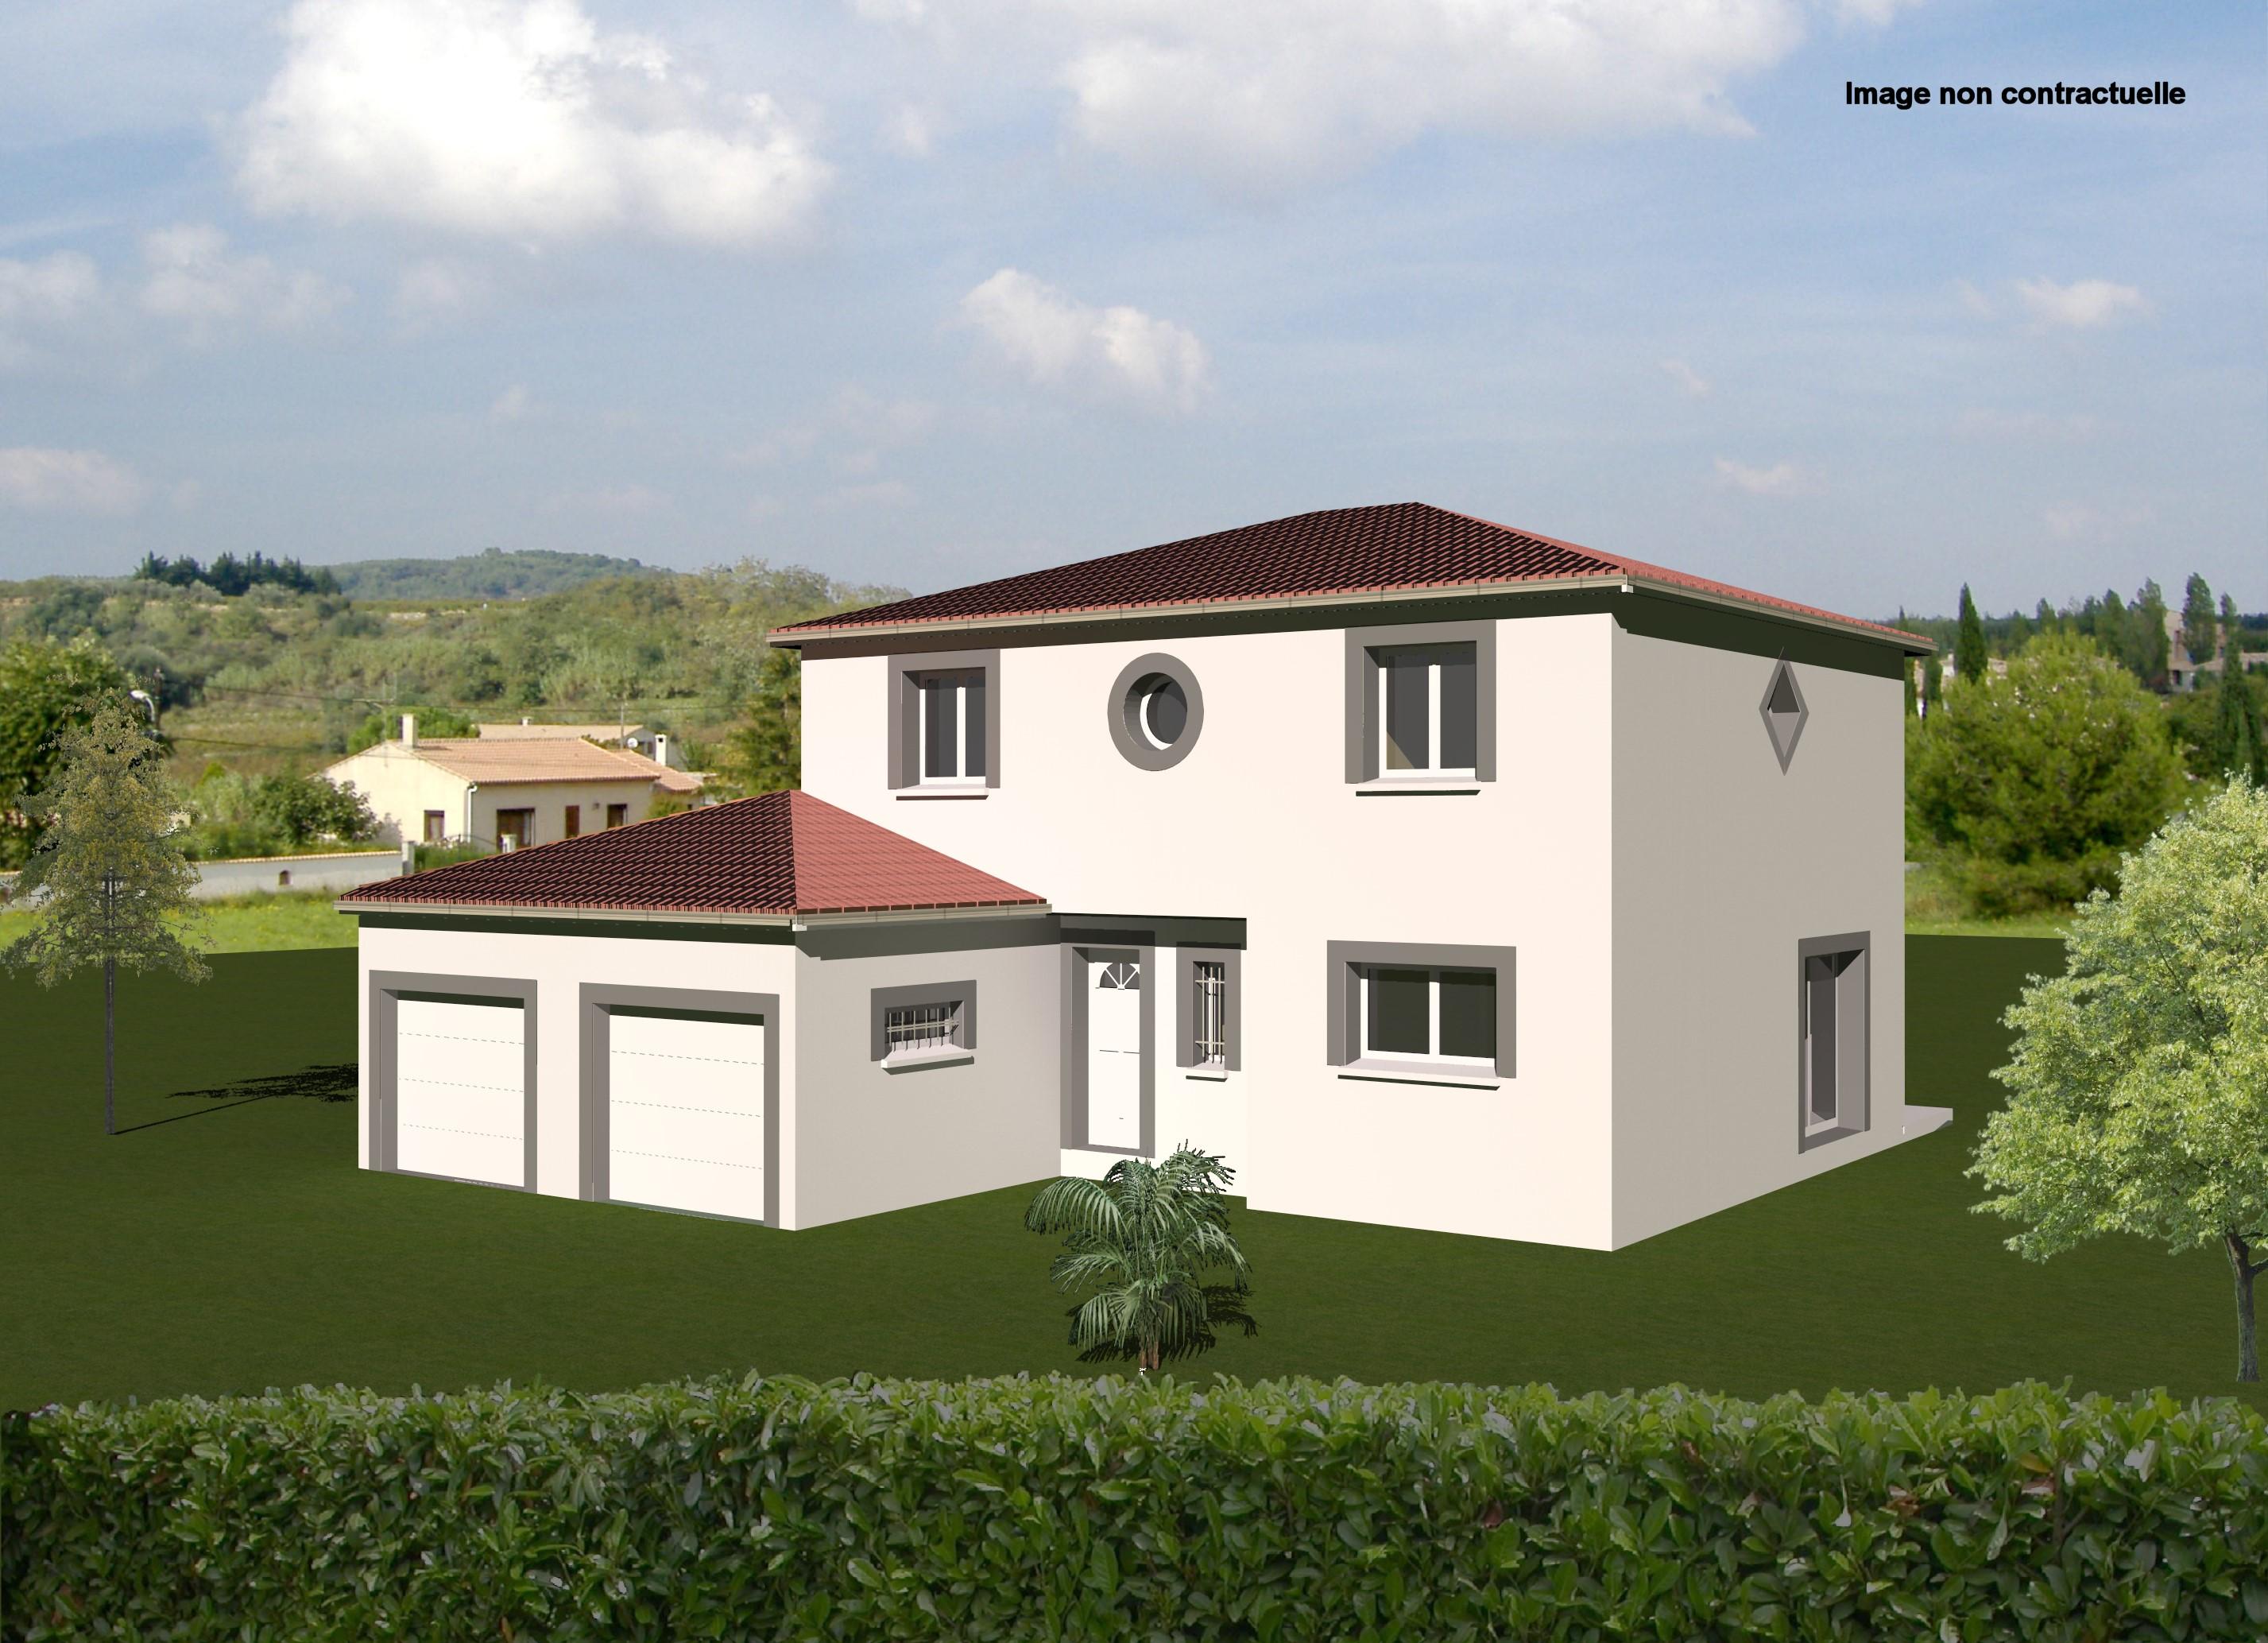 Terrains du constructeur MAISONS A.B.C. • 660 m² • LEZOUX